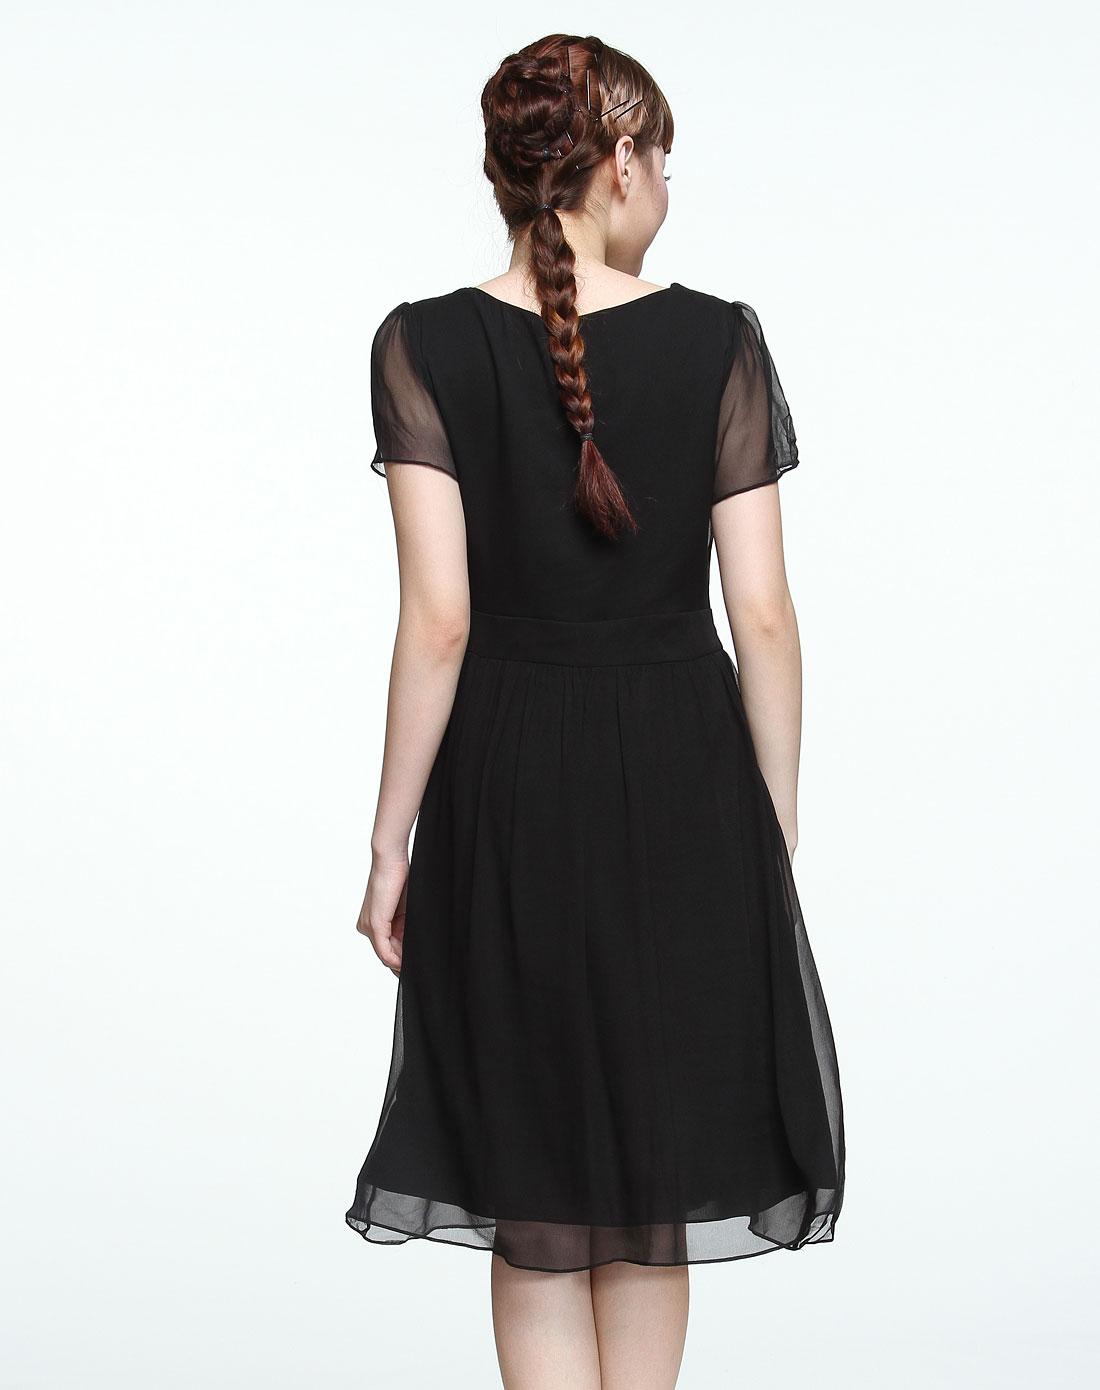 黑色高贵优雅短袖连衣裙